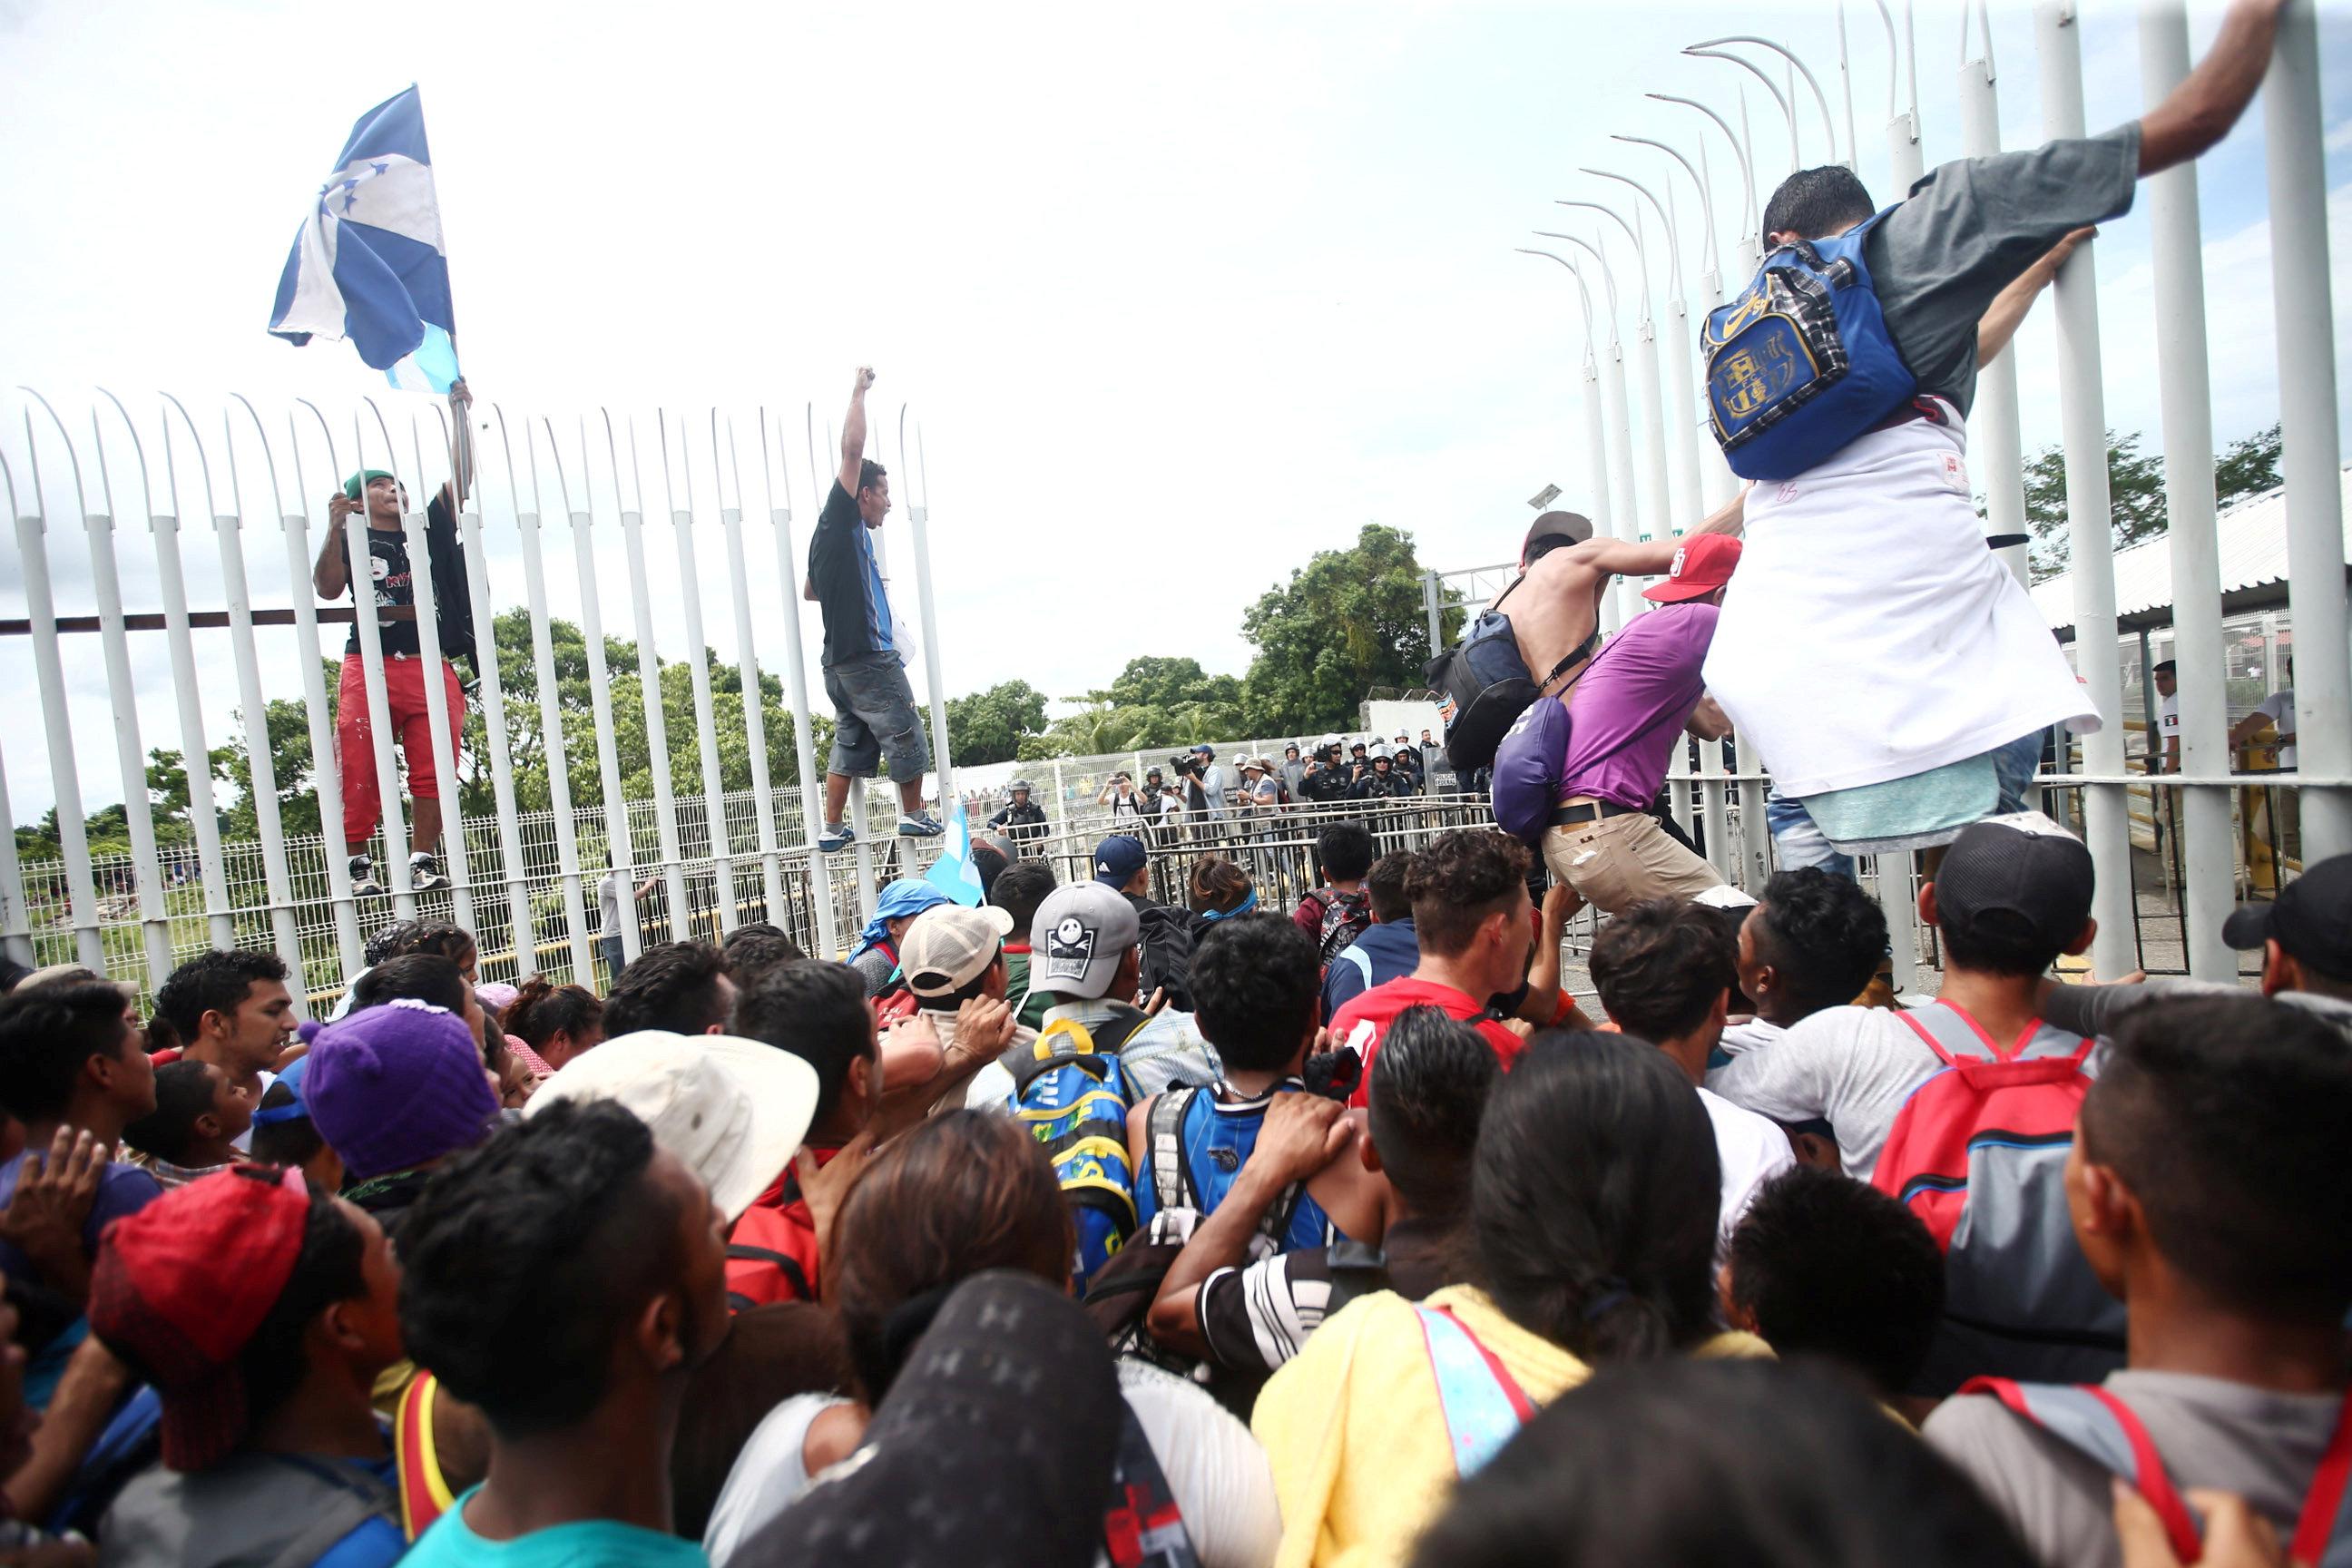 آلاف من سكان هندوراس